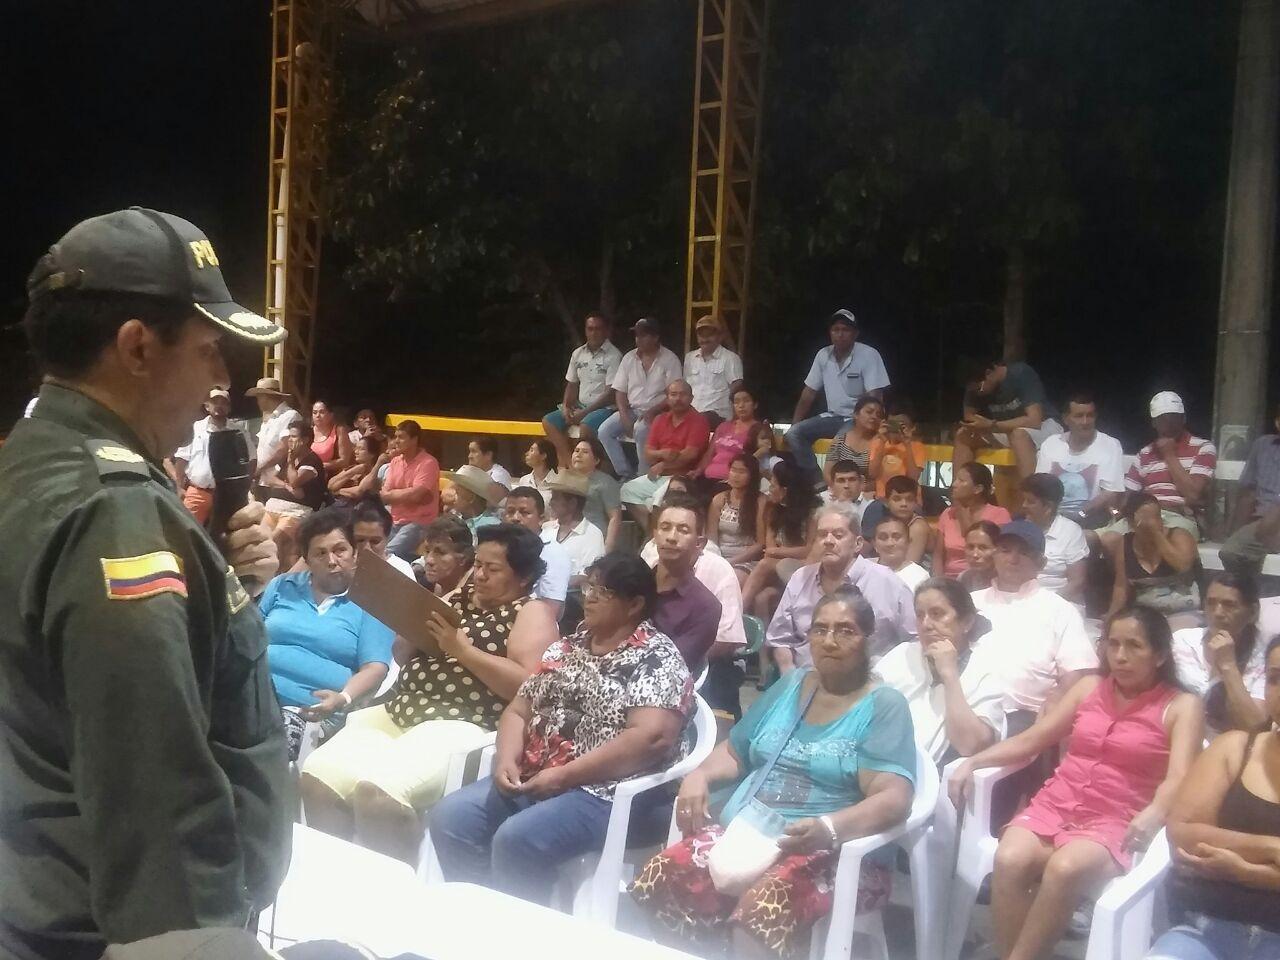 #EnAudio Policía realiza mesa de seguridad con líderes civiles y comunidad de la comuna IV